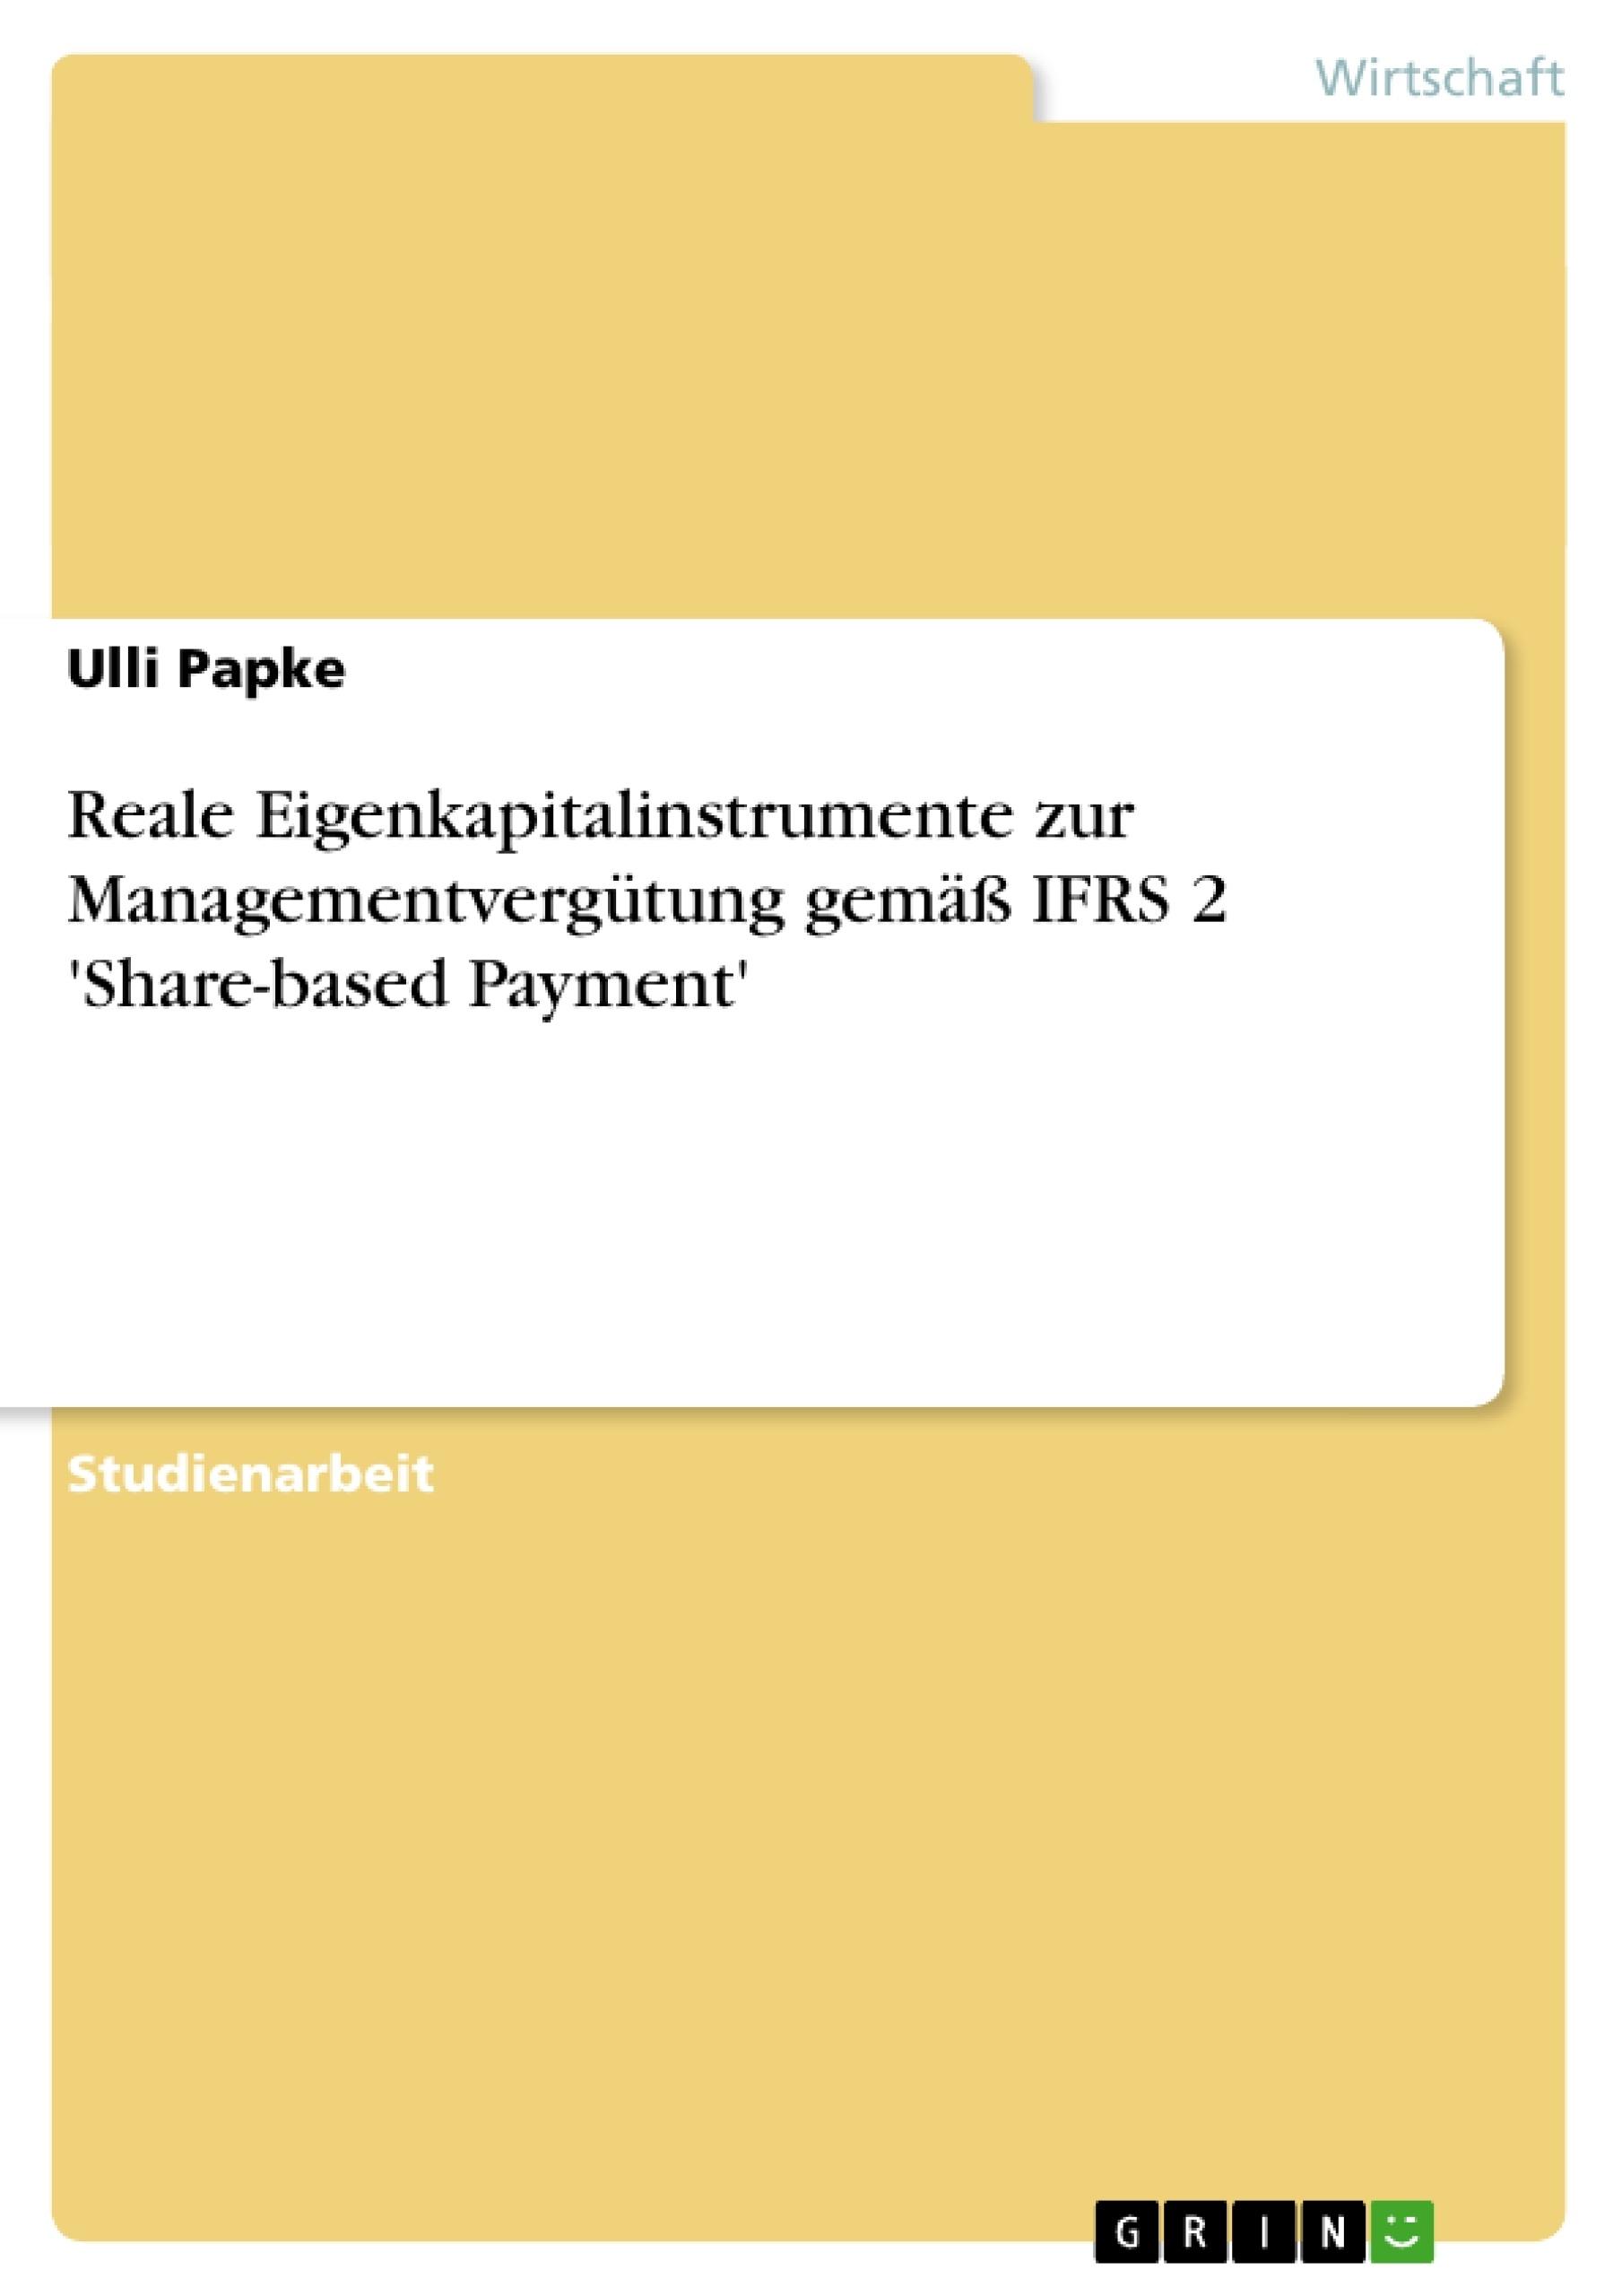 Titel: Reale Eigenkapitalinstrumente zur Managementvergütung gemäß IFRS 2 'Share-based Payment'